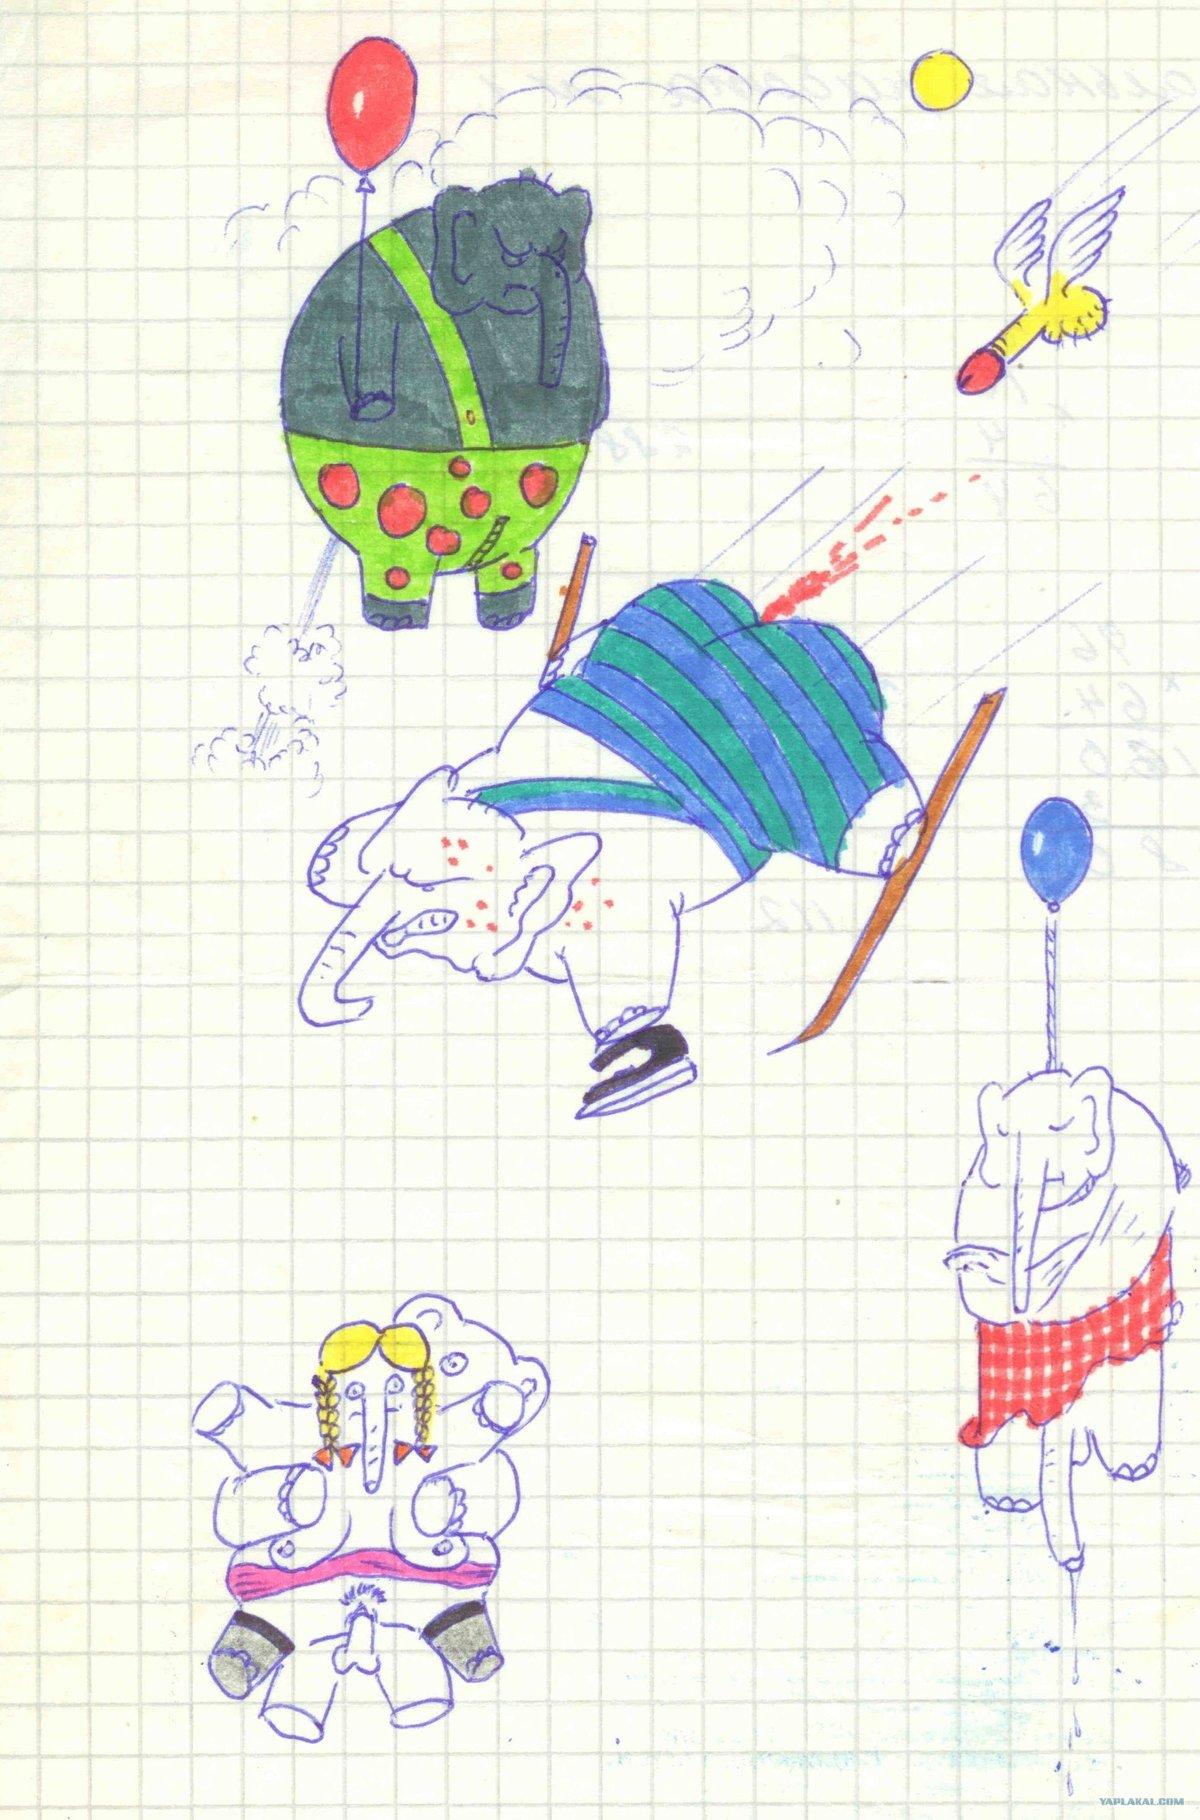 Прикольные рисунки которые можно нарисовать в школе, дня открытки